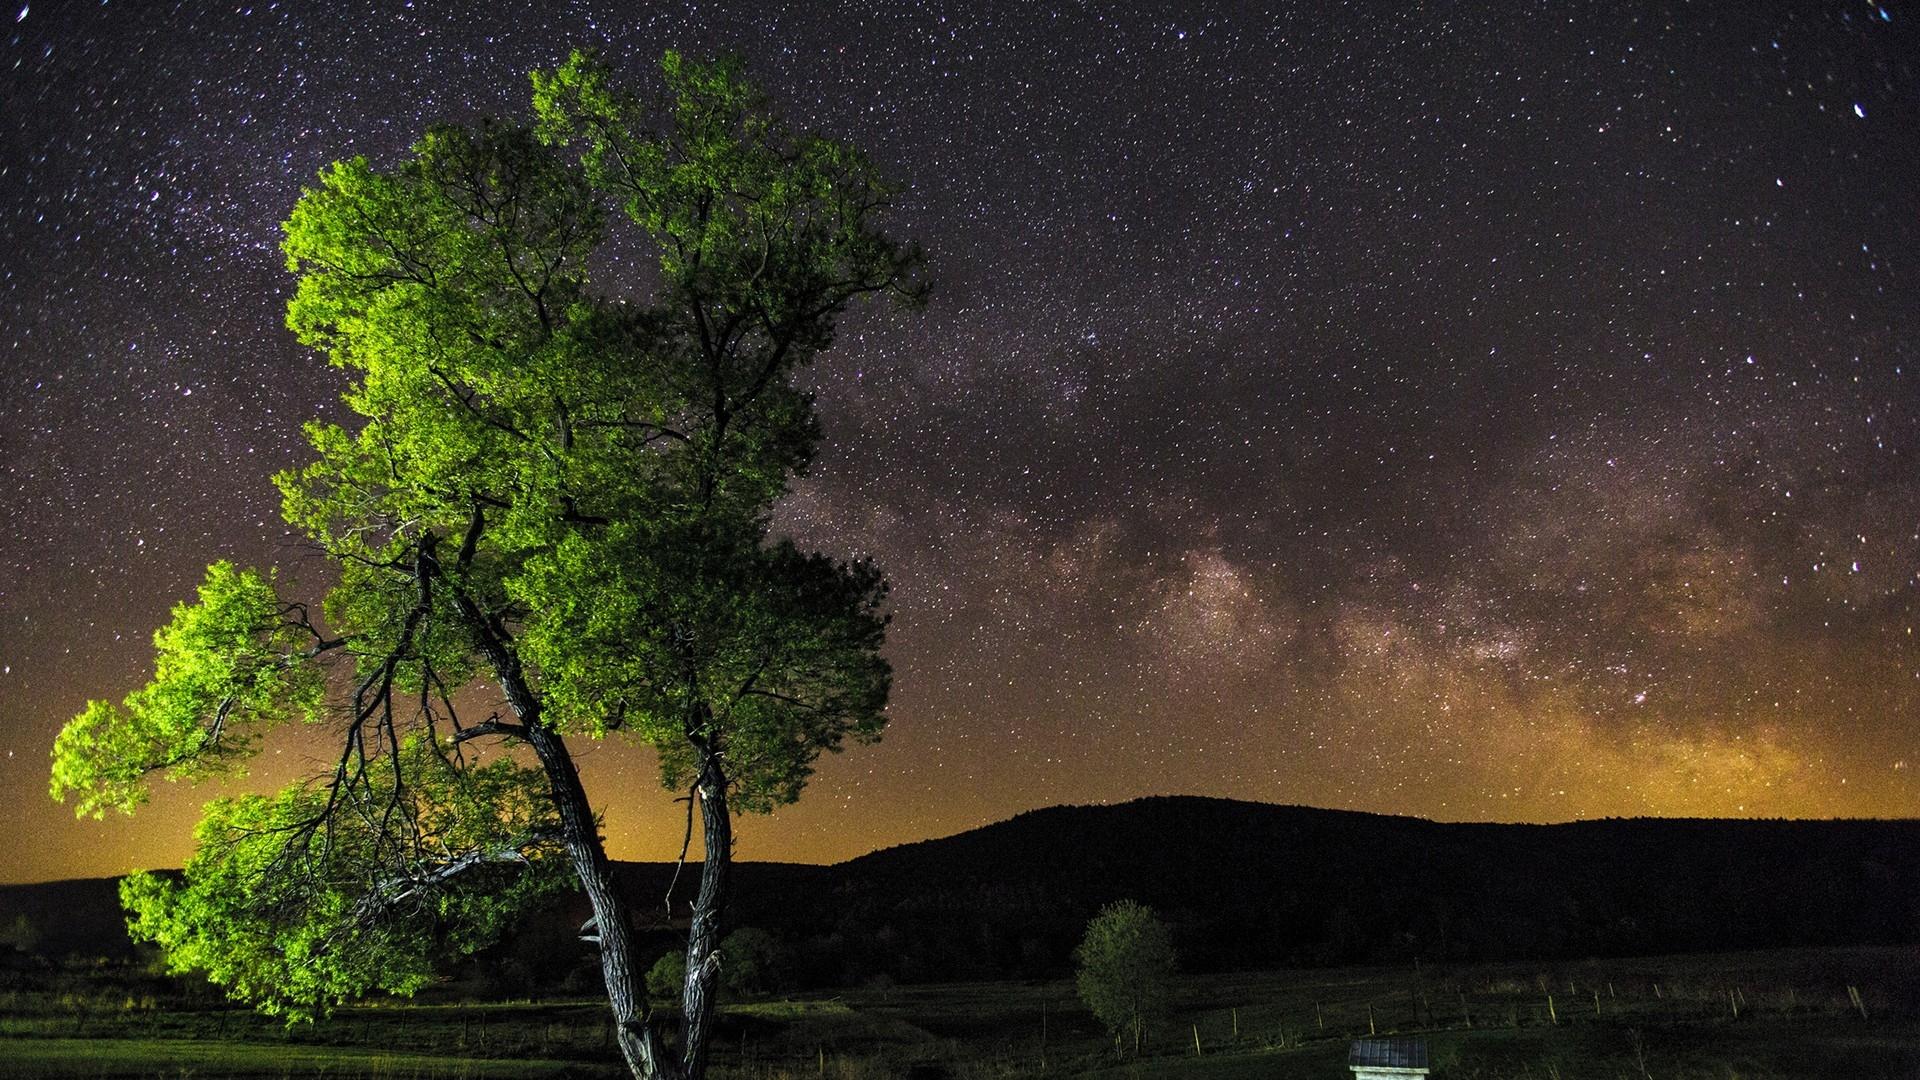 Download Wallpaper 1920x1080 Night Sky Stars Tree Full Hd 1080p